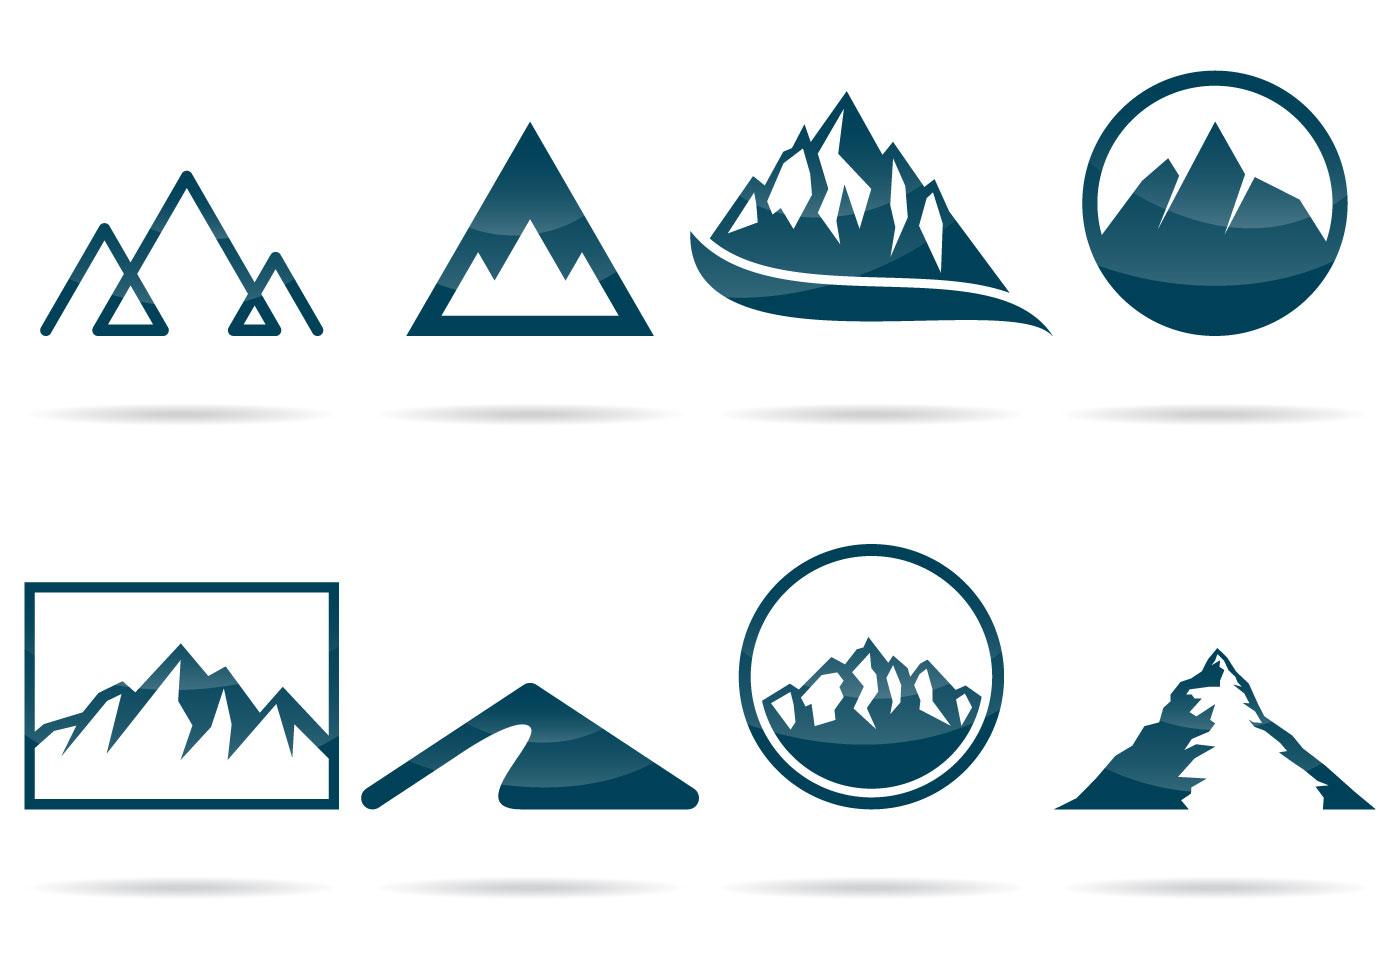 Everest Logo Vectors - Download Free Vector Art, Stock Graphics ...